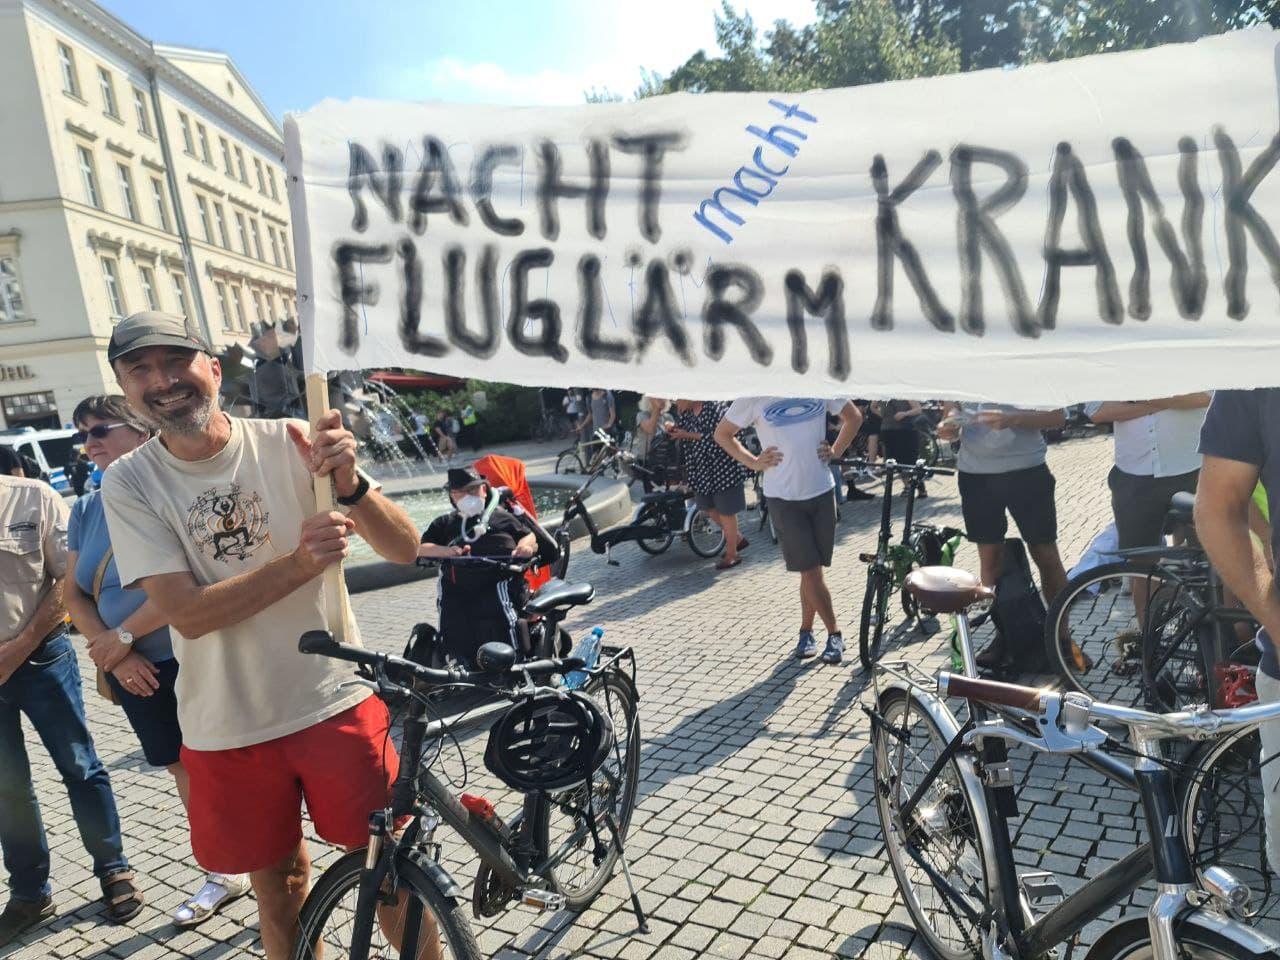 Demo gegebn den Flughafenausbau am 16. Juli. Foto: LZ